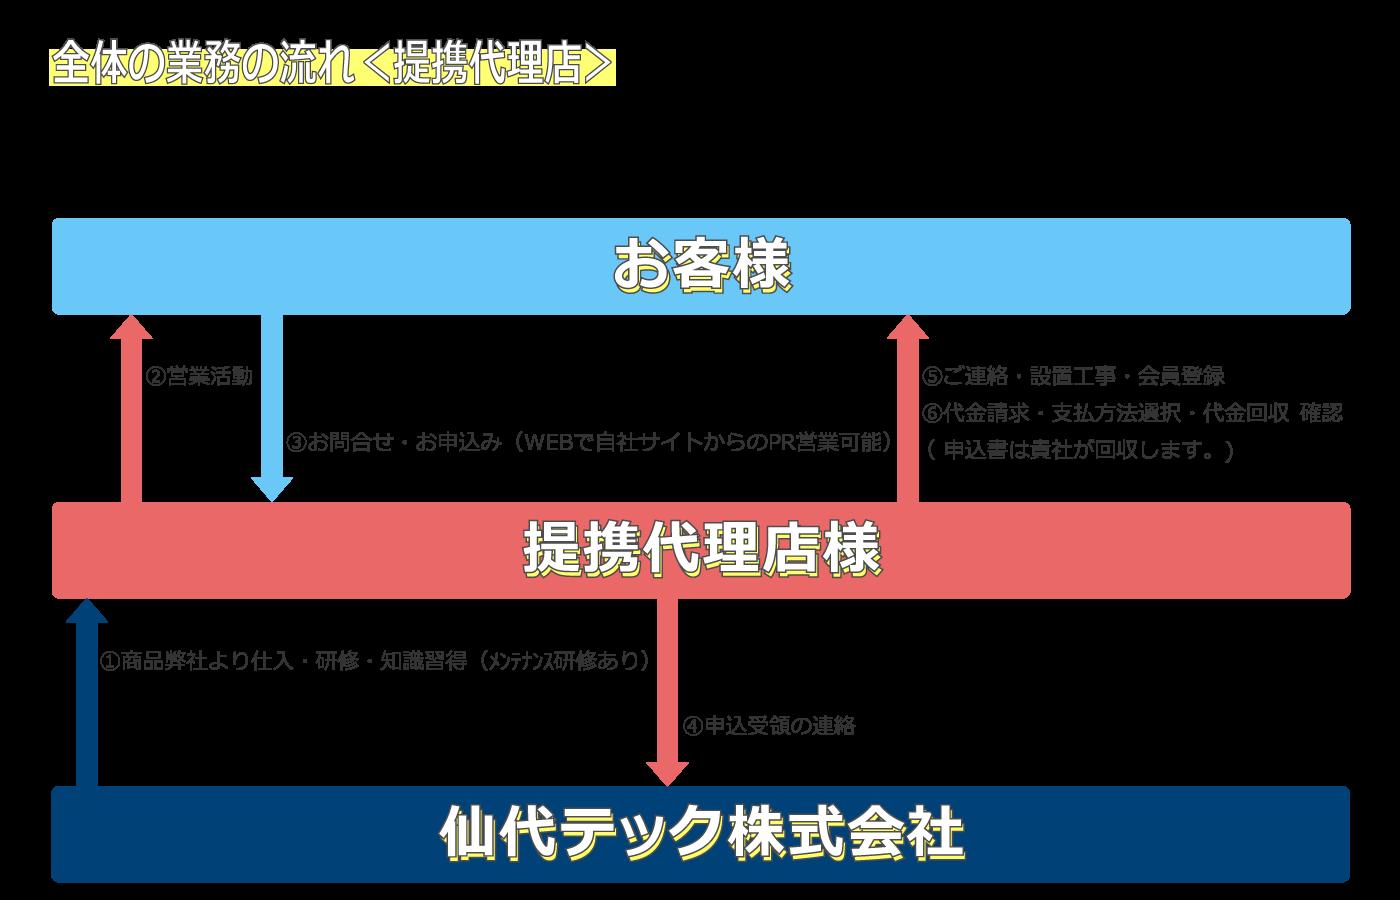 提携代理店の業務の流れ図